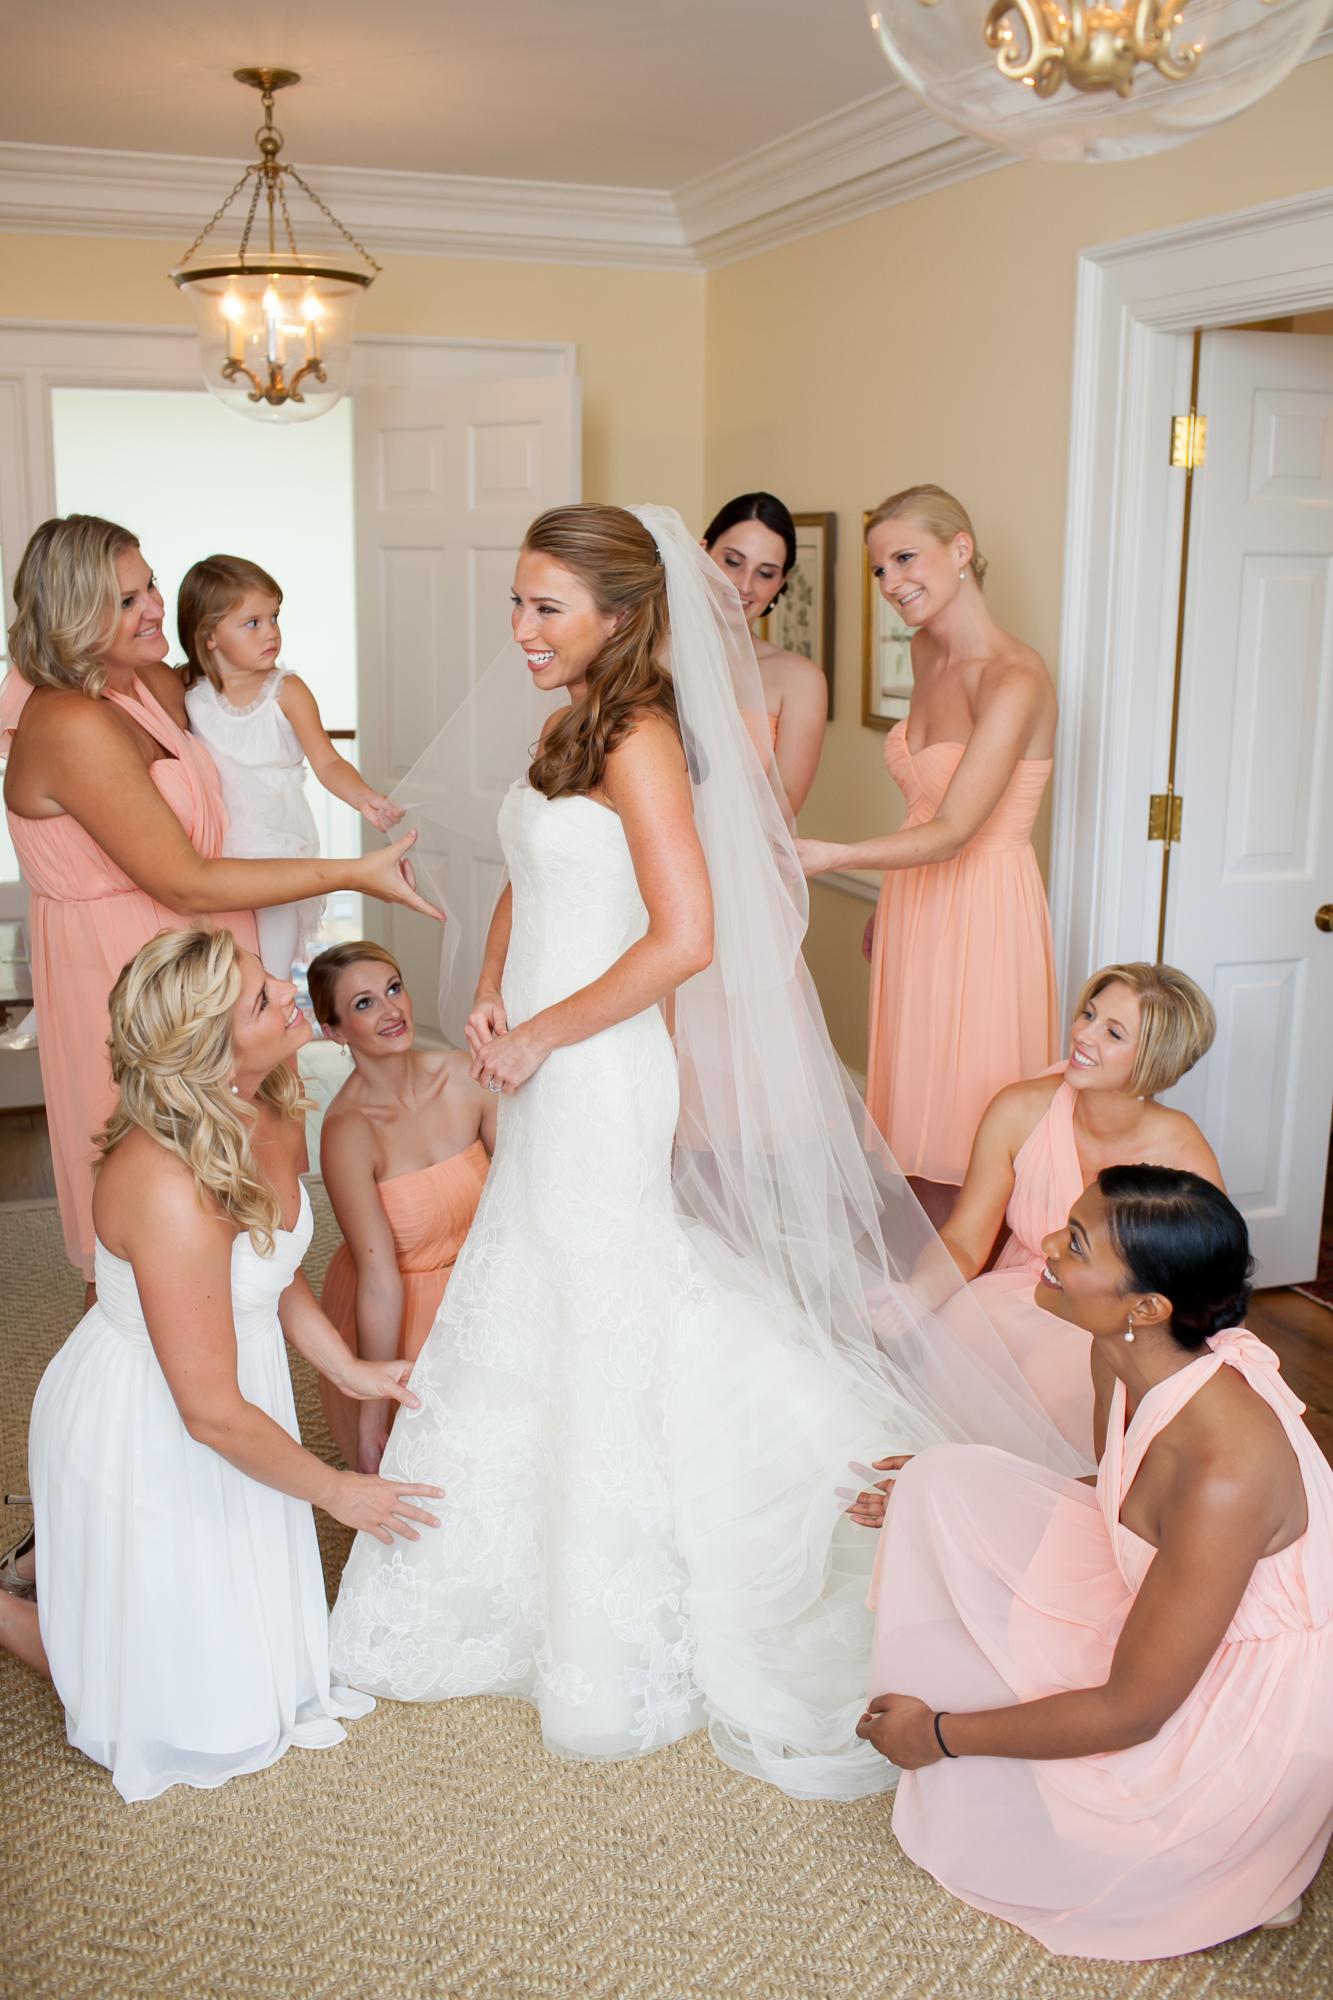 20131012_2013.10.12_LedsingerOtis_Wedding_website_IMG_9962 copy.jpg